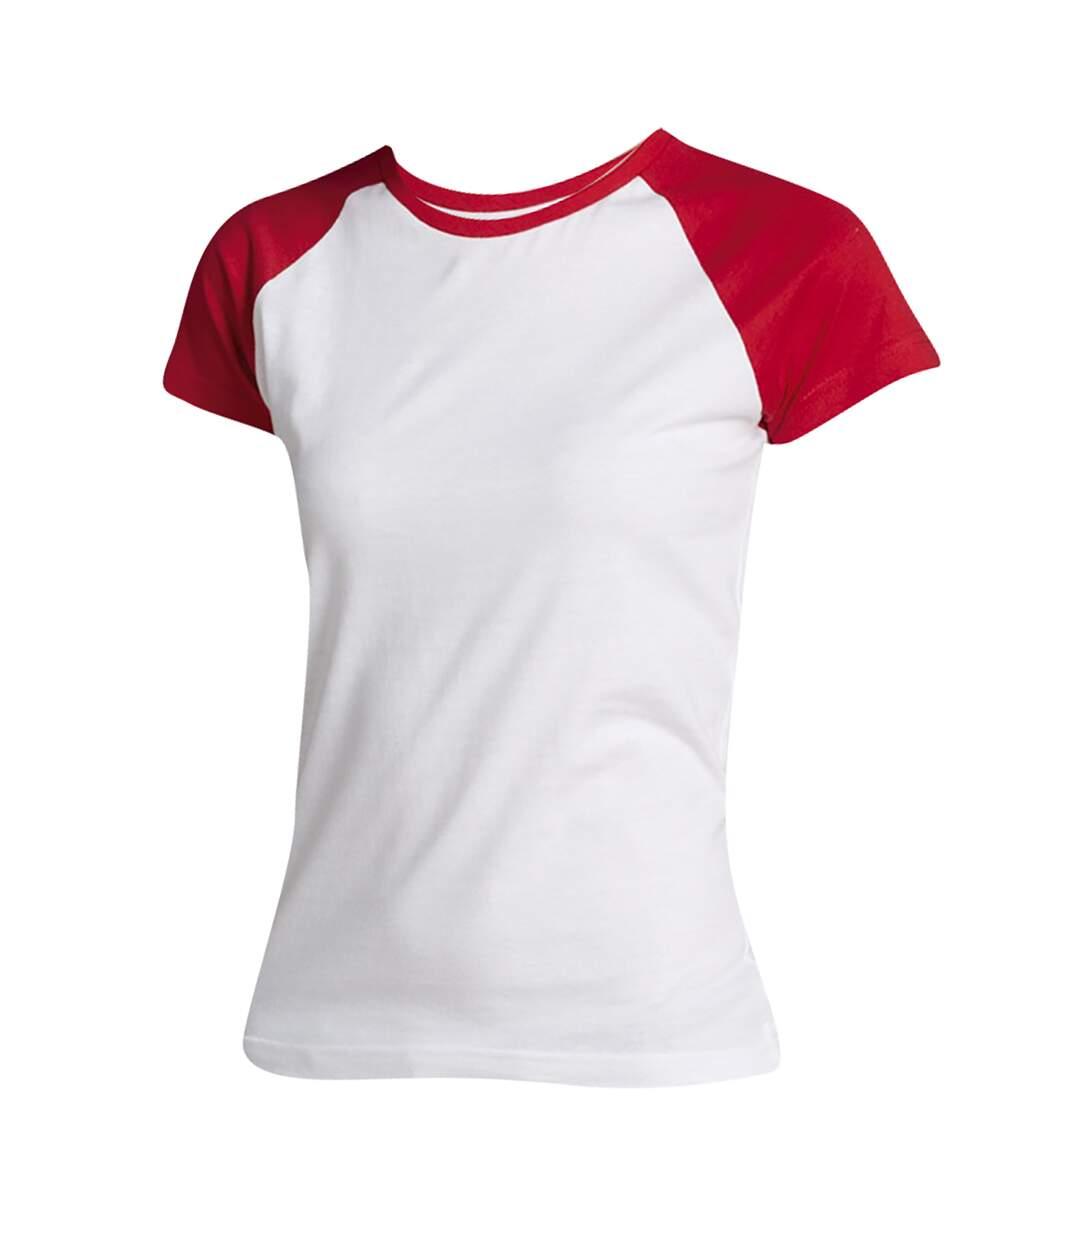 Sols Milky - T-Shirt À Manches Courtes En Contraste - Femme (Blanc/Rouge) - UTPC301